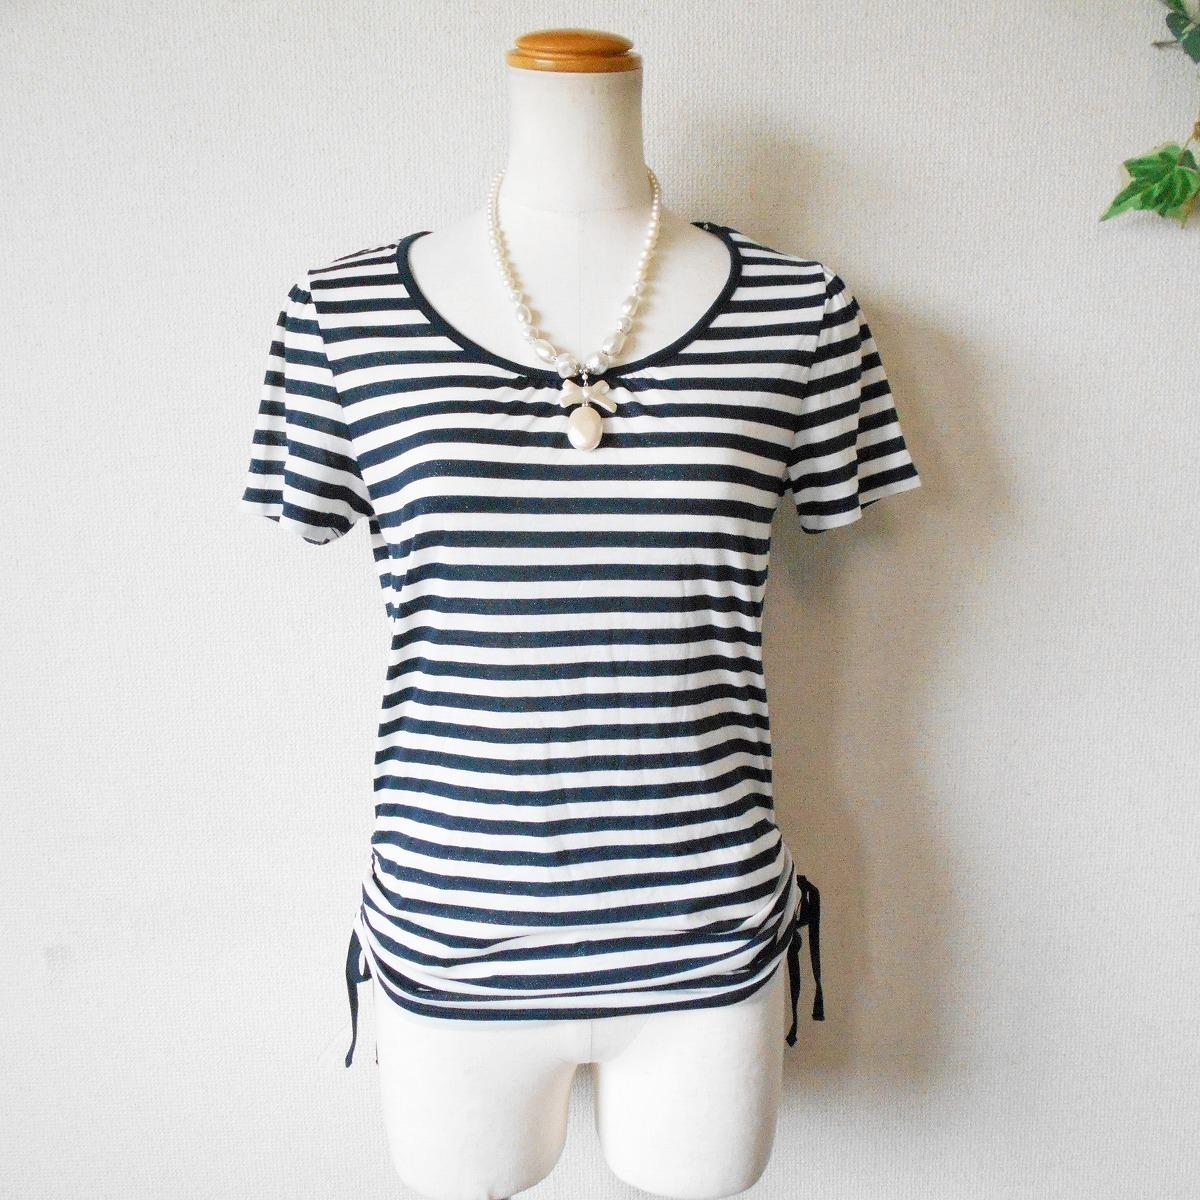 組曲 KUMIKYOKU オンワード 樫山 ラメ 入り ボーダー / 絞れる リボン 付き 半袖 カットソー Tシャツ 2_画像1